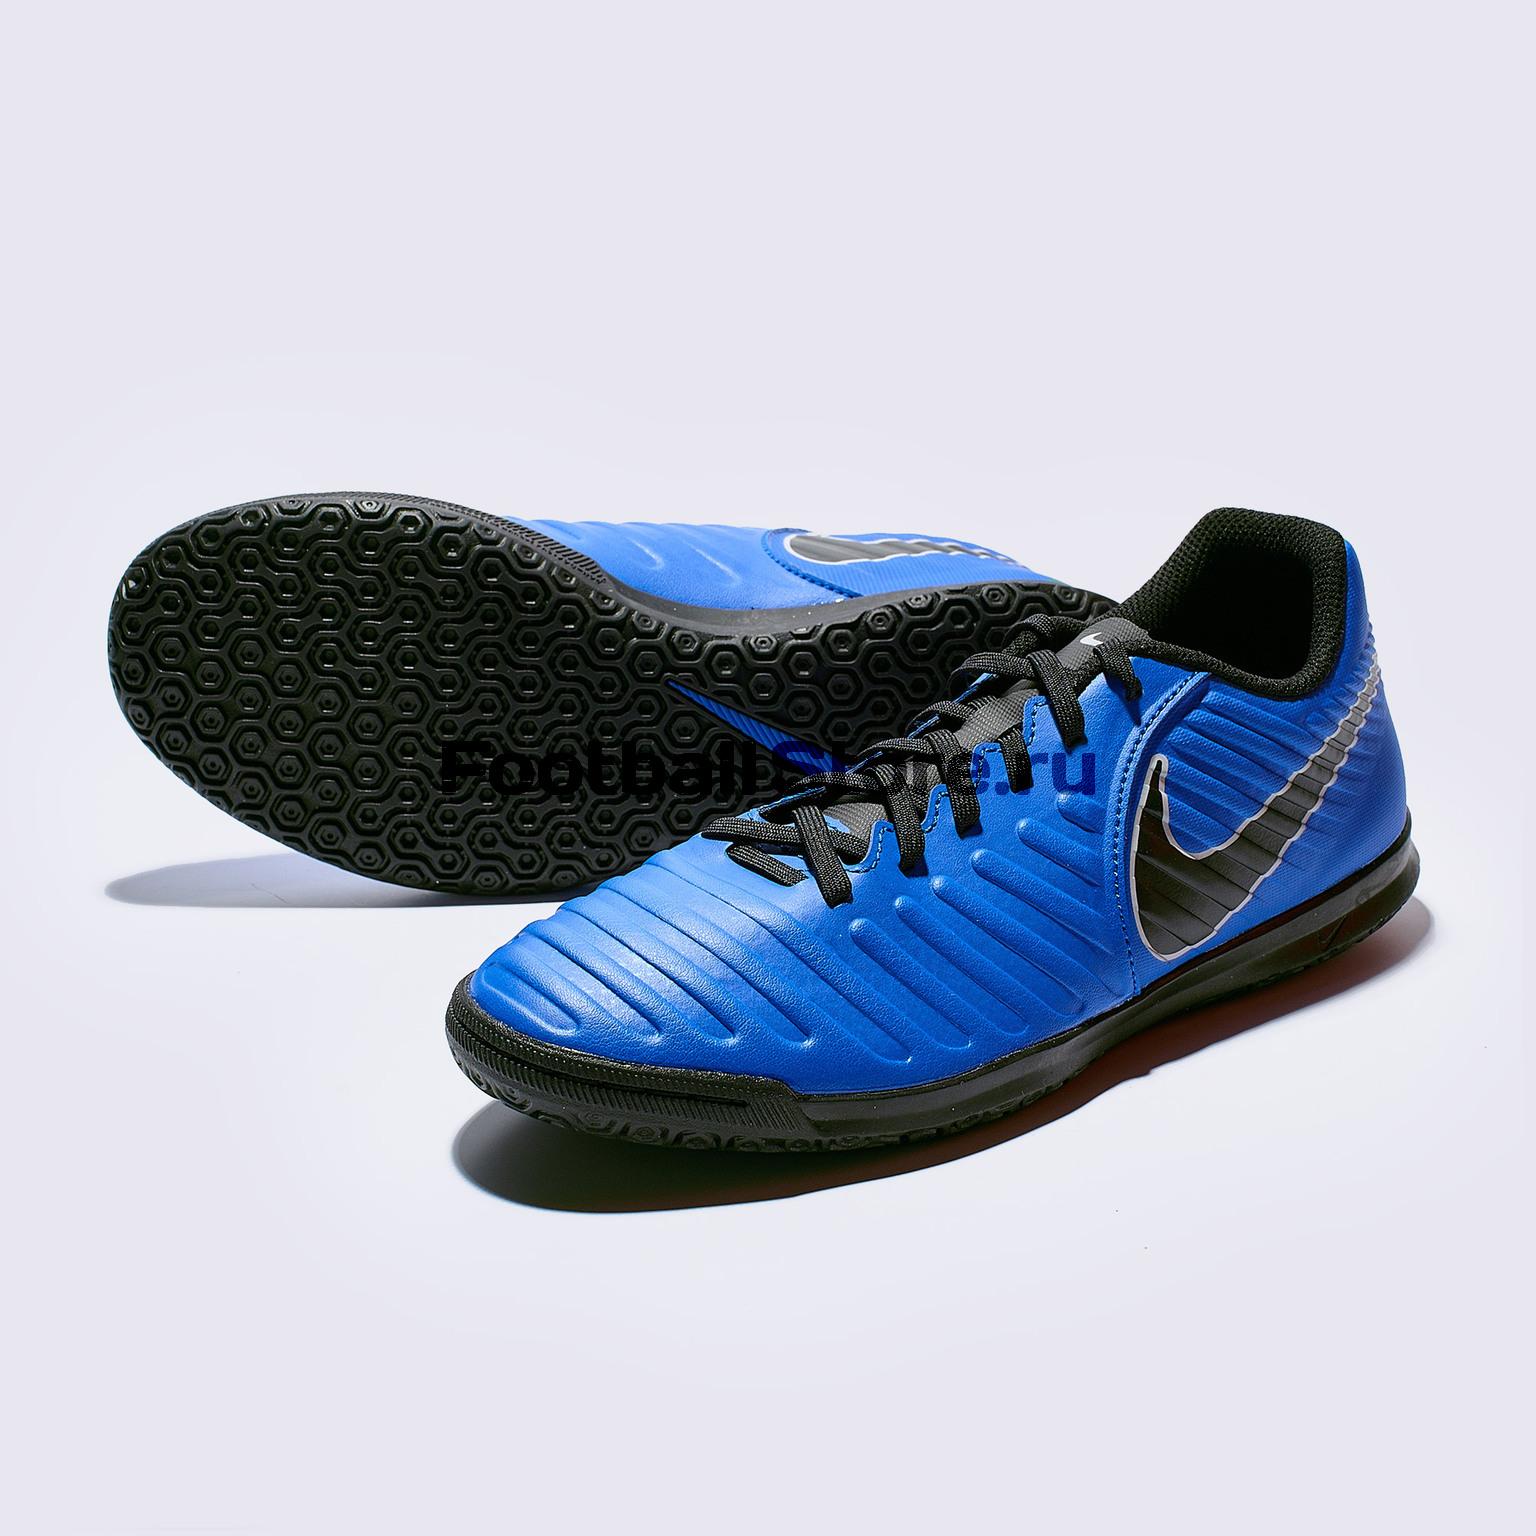 Футзалки Nike LegendX 7 Club IC AH7245-400 – купить футзалки в ... 99d5bdd73b9